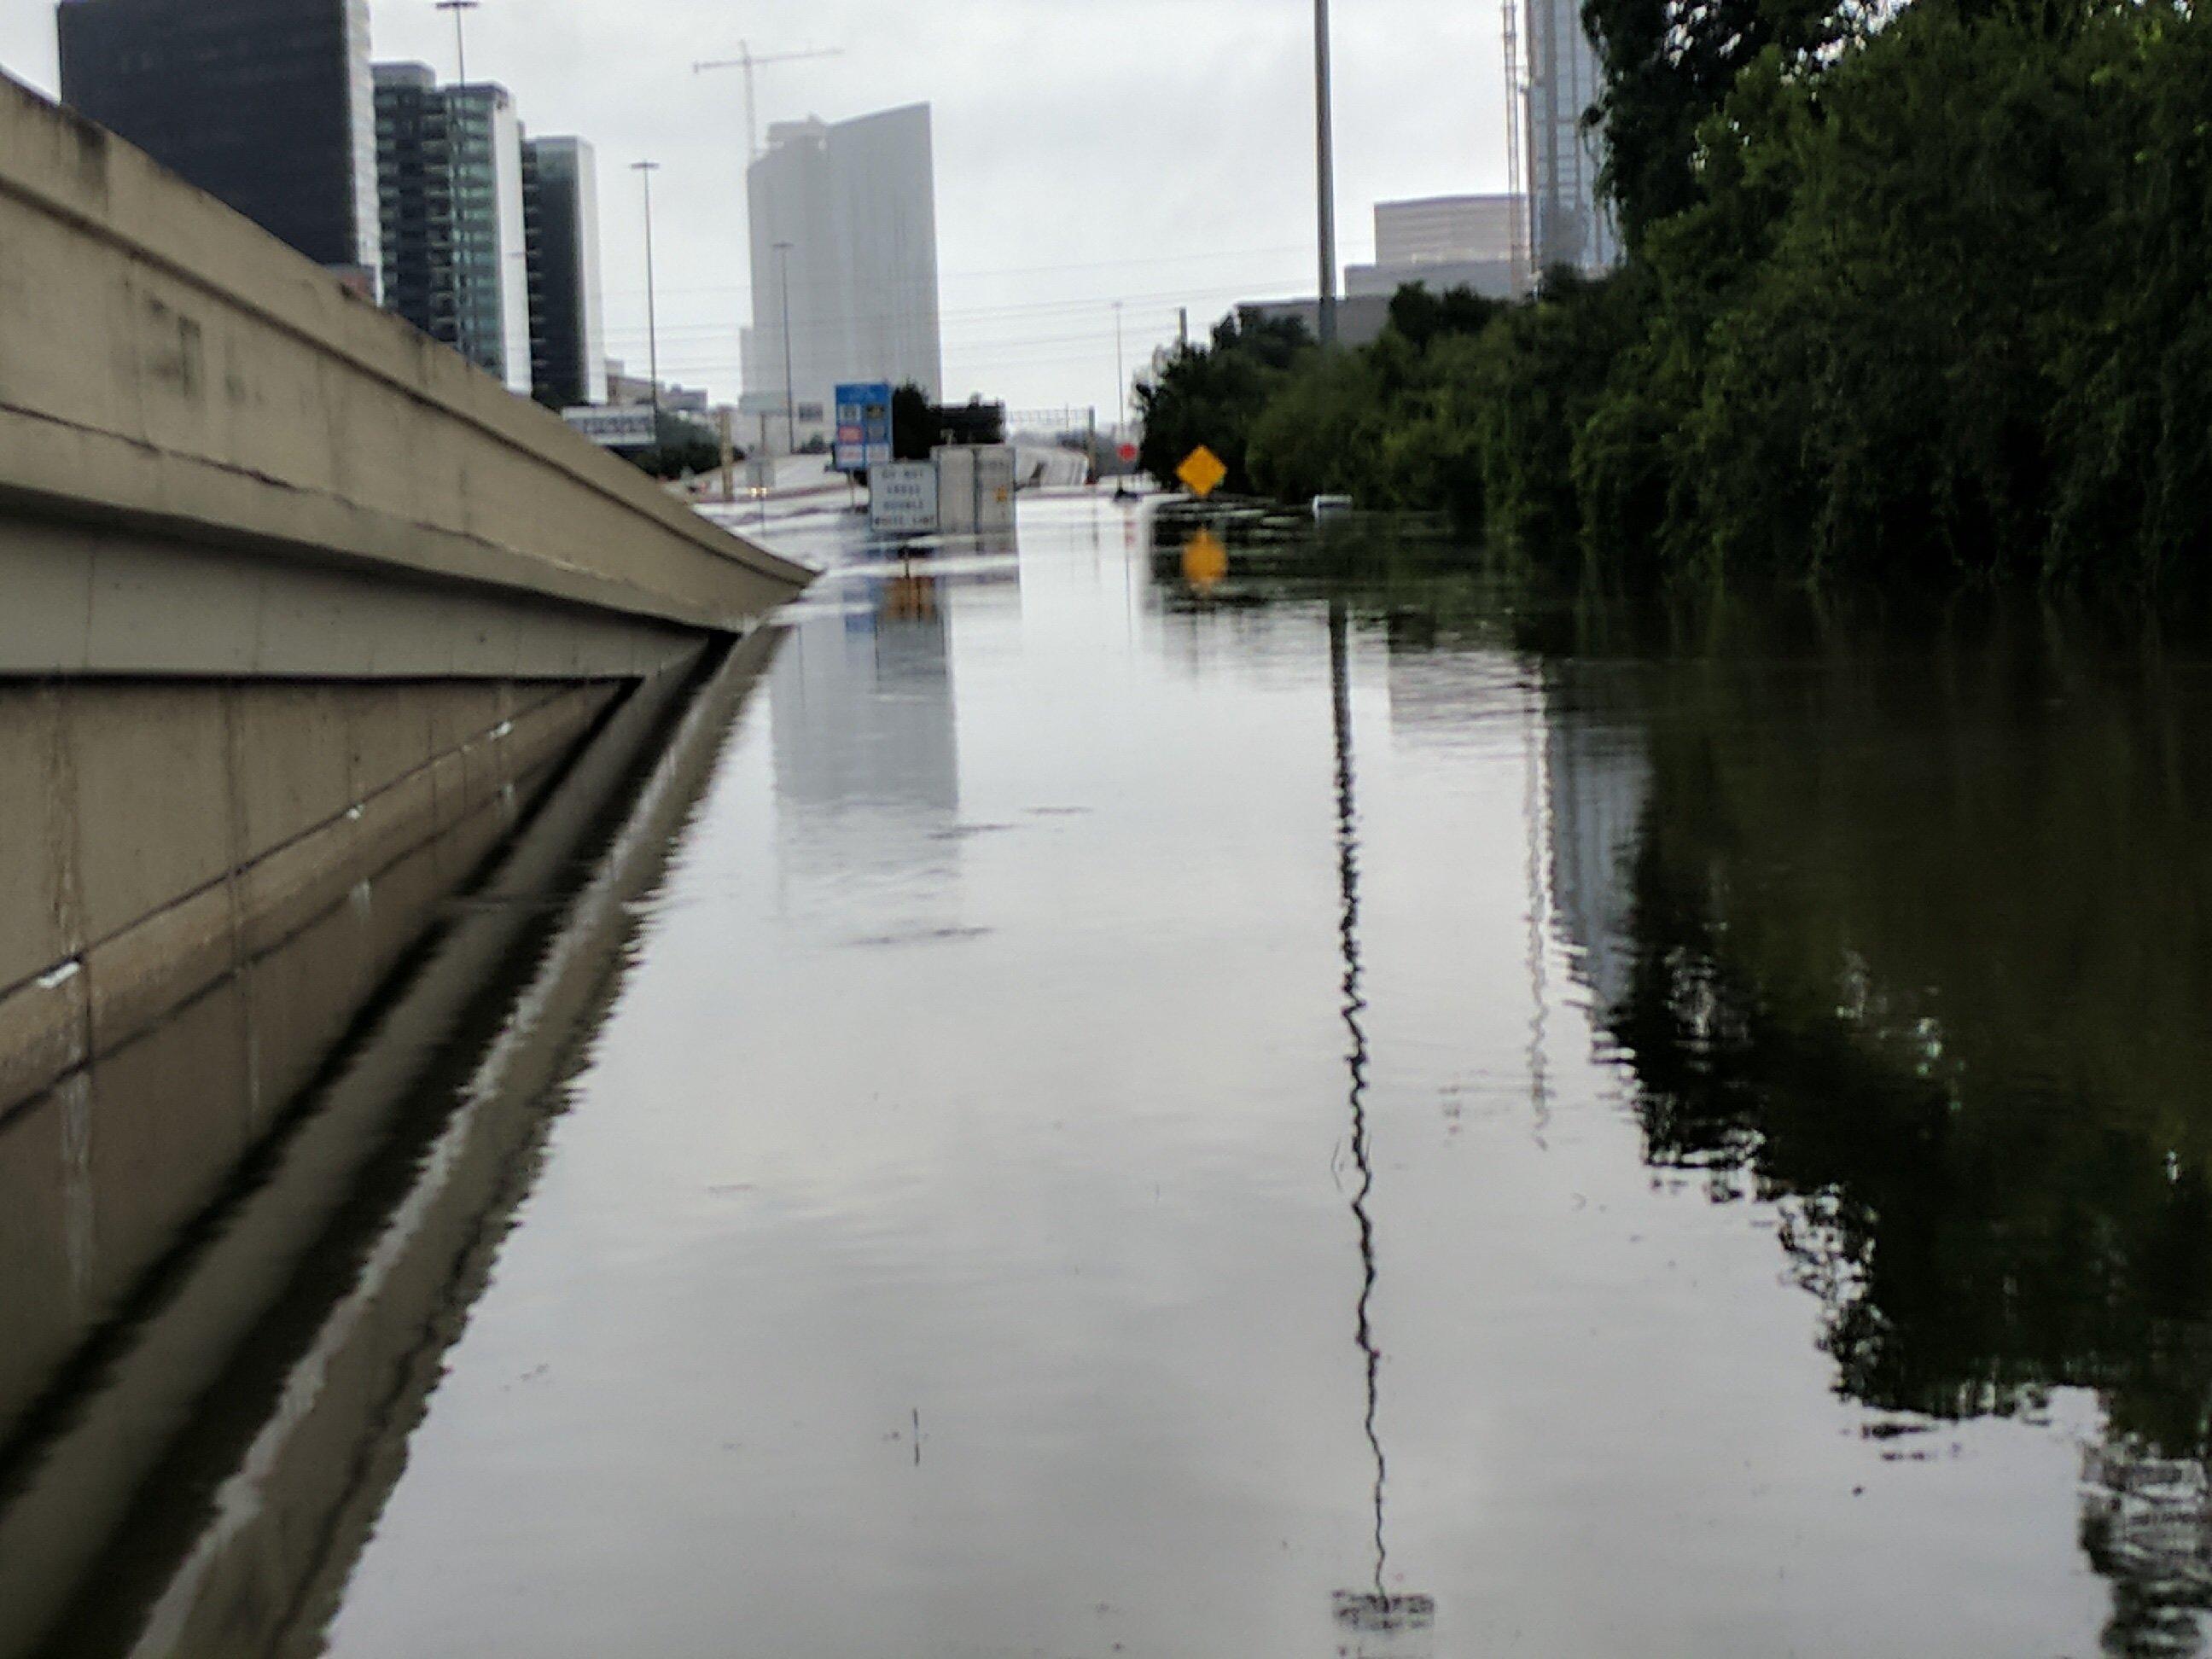 TS Harvey's Houston rainfall breaks US record — NWS